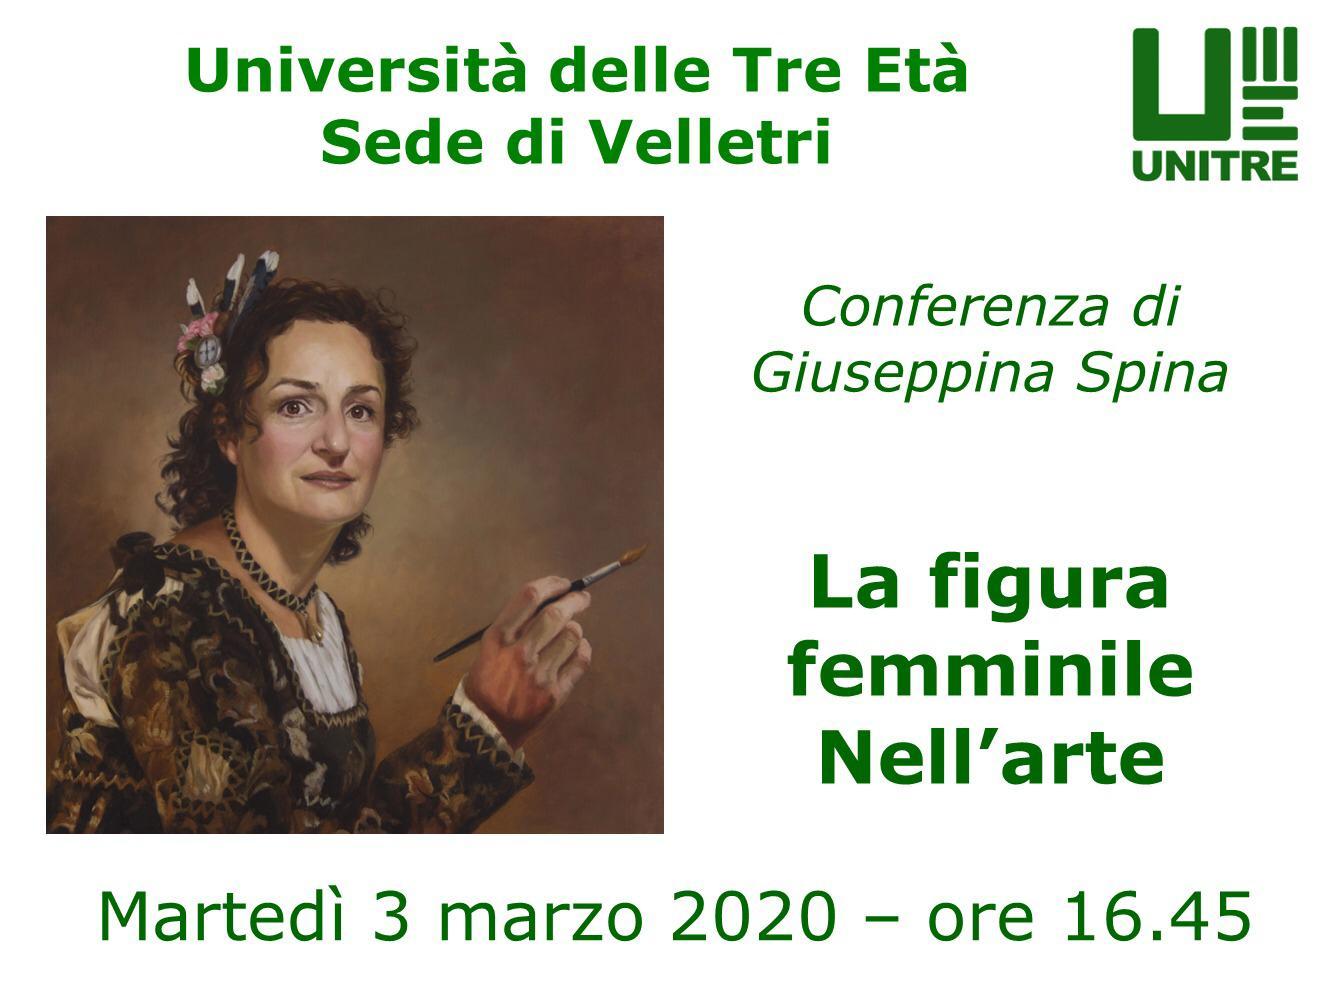 Conferenza: La figura femminile nell'Arte